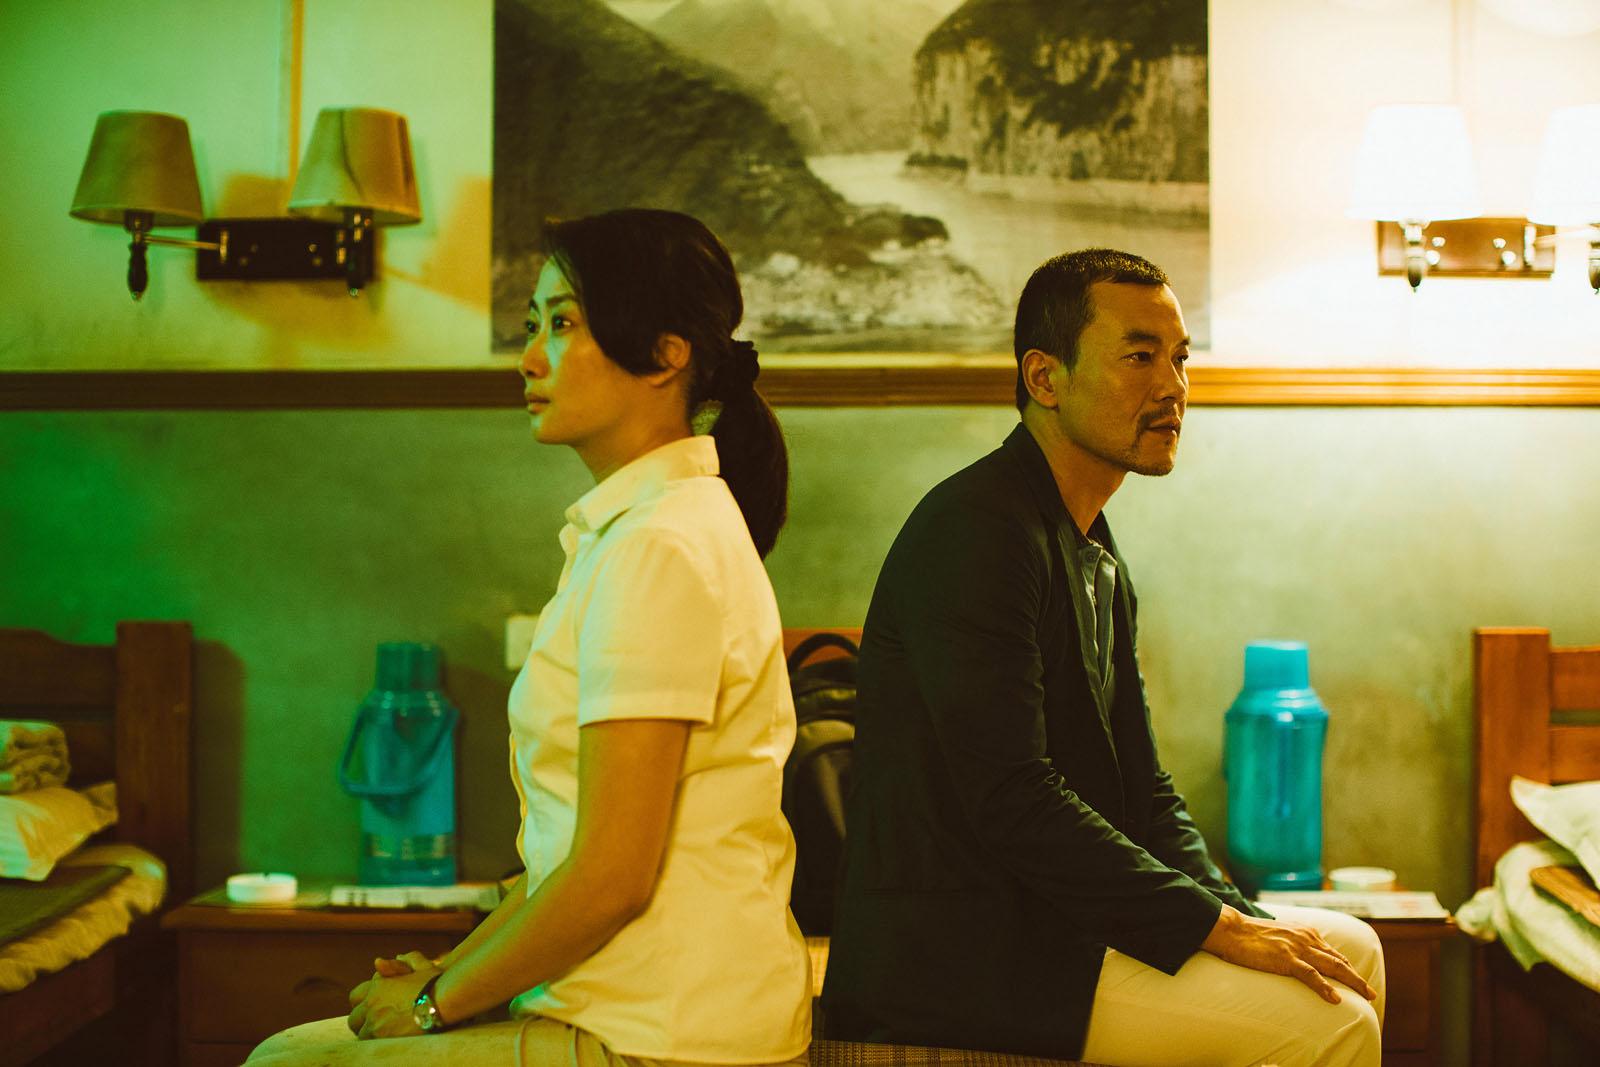 La ceniza es el blanco más puro dirigida por Jia Zhang Ke